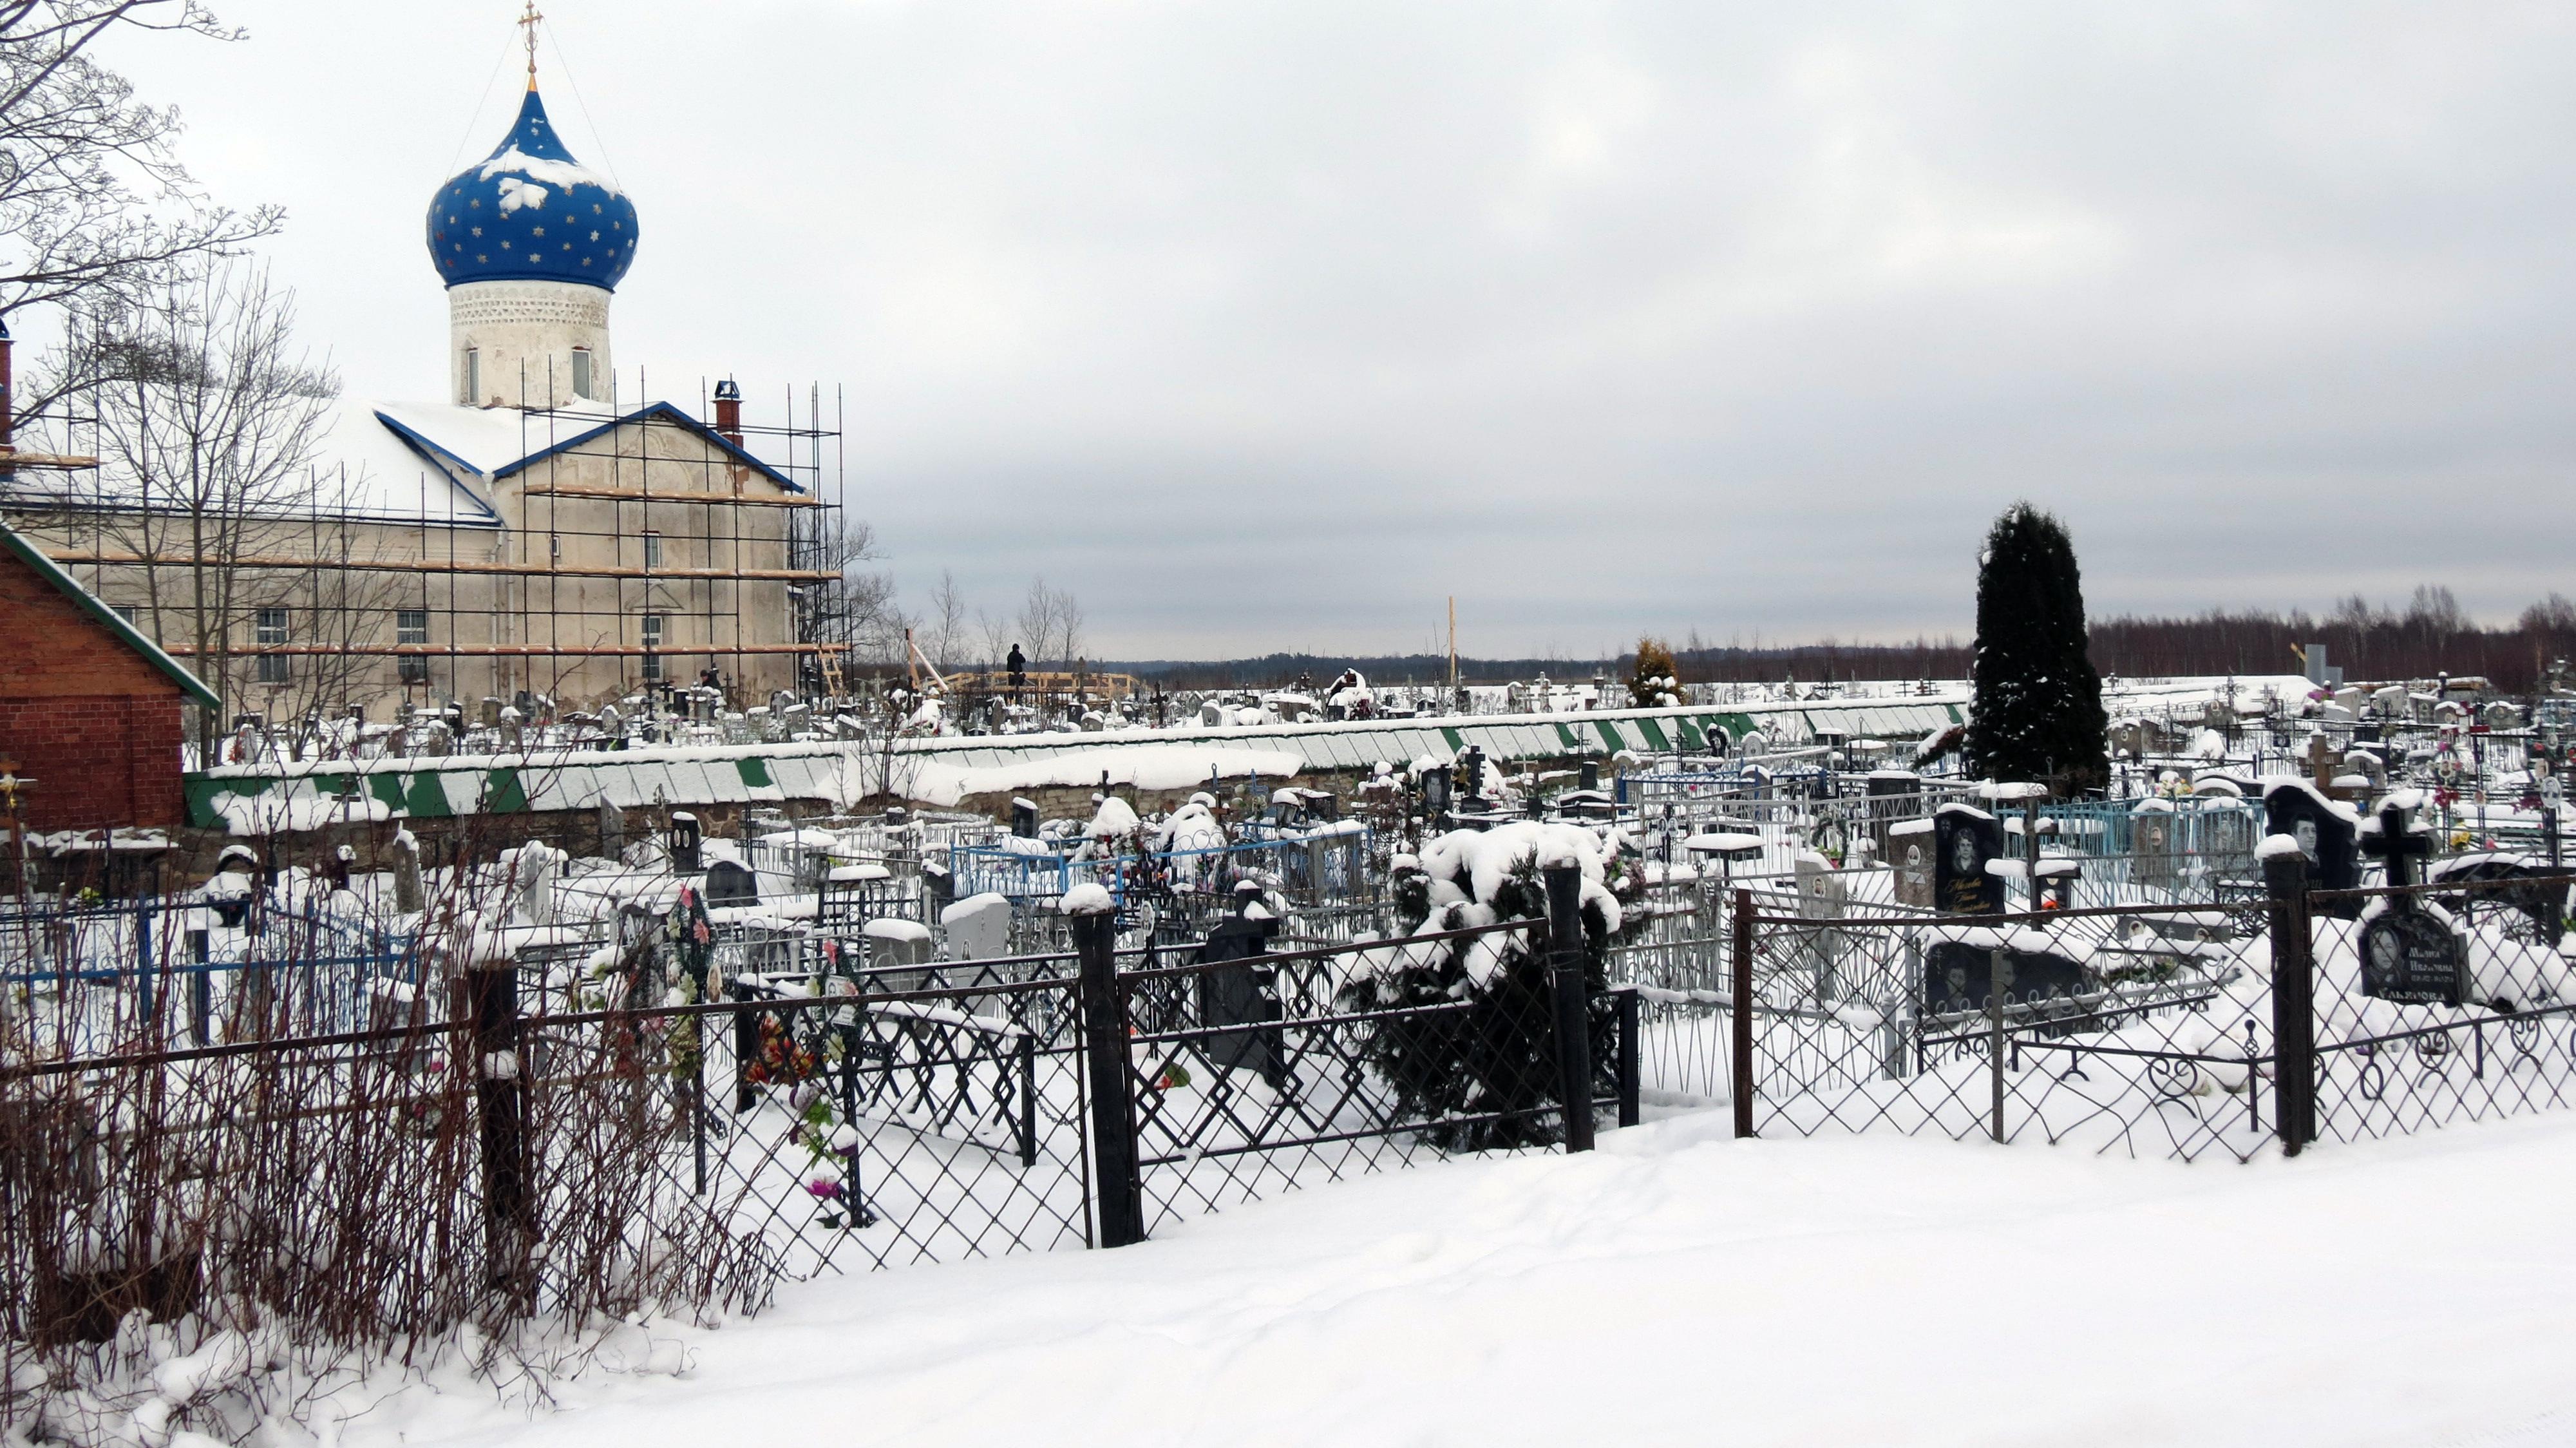 Ничего, на первый взгляд, не изменилось в Кобыльем Городище, кроме одного. Кладбище возле храма разрослось до поражающих размеров. Фото автора.